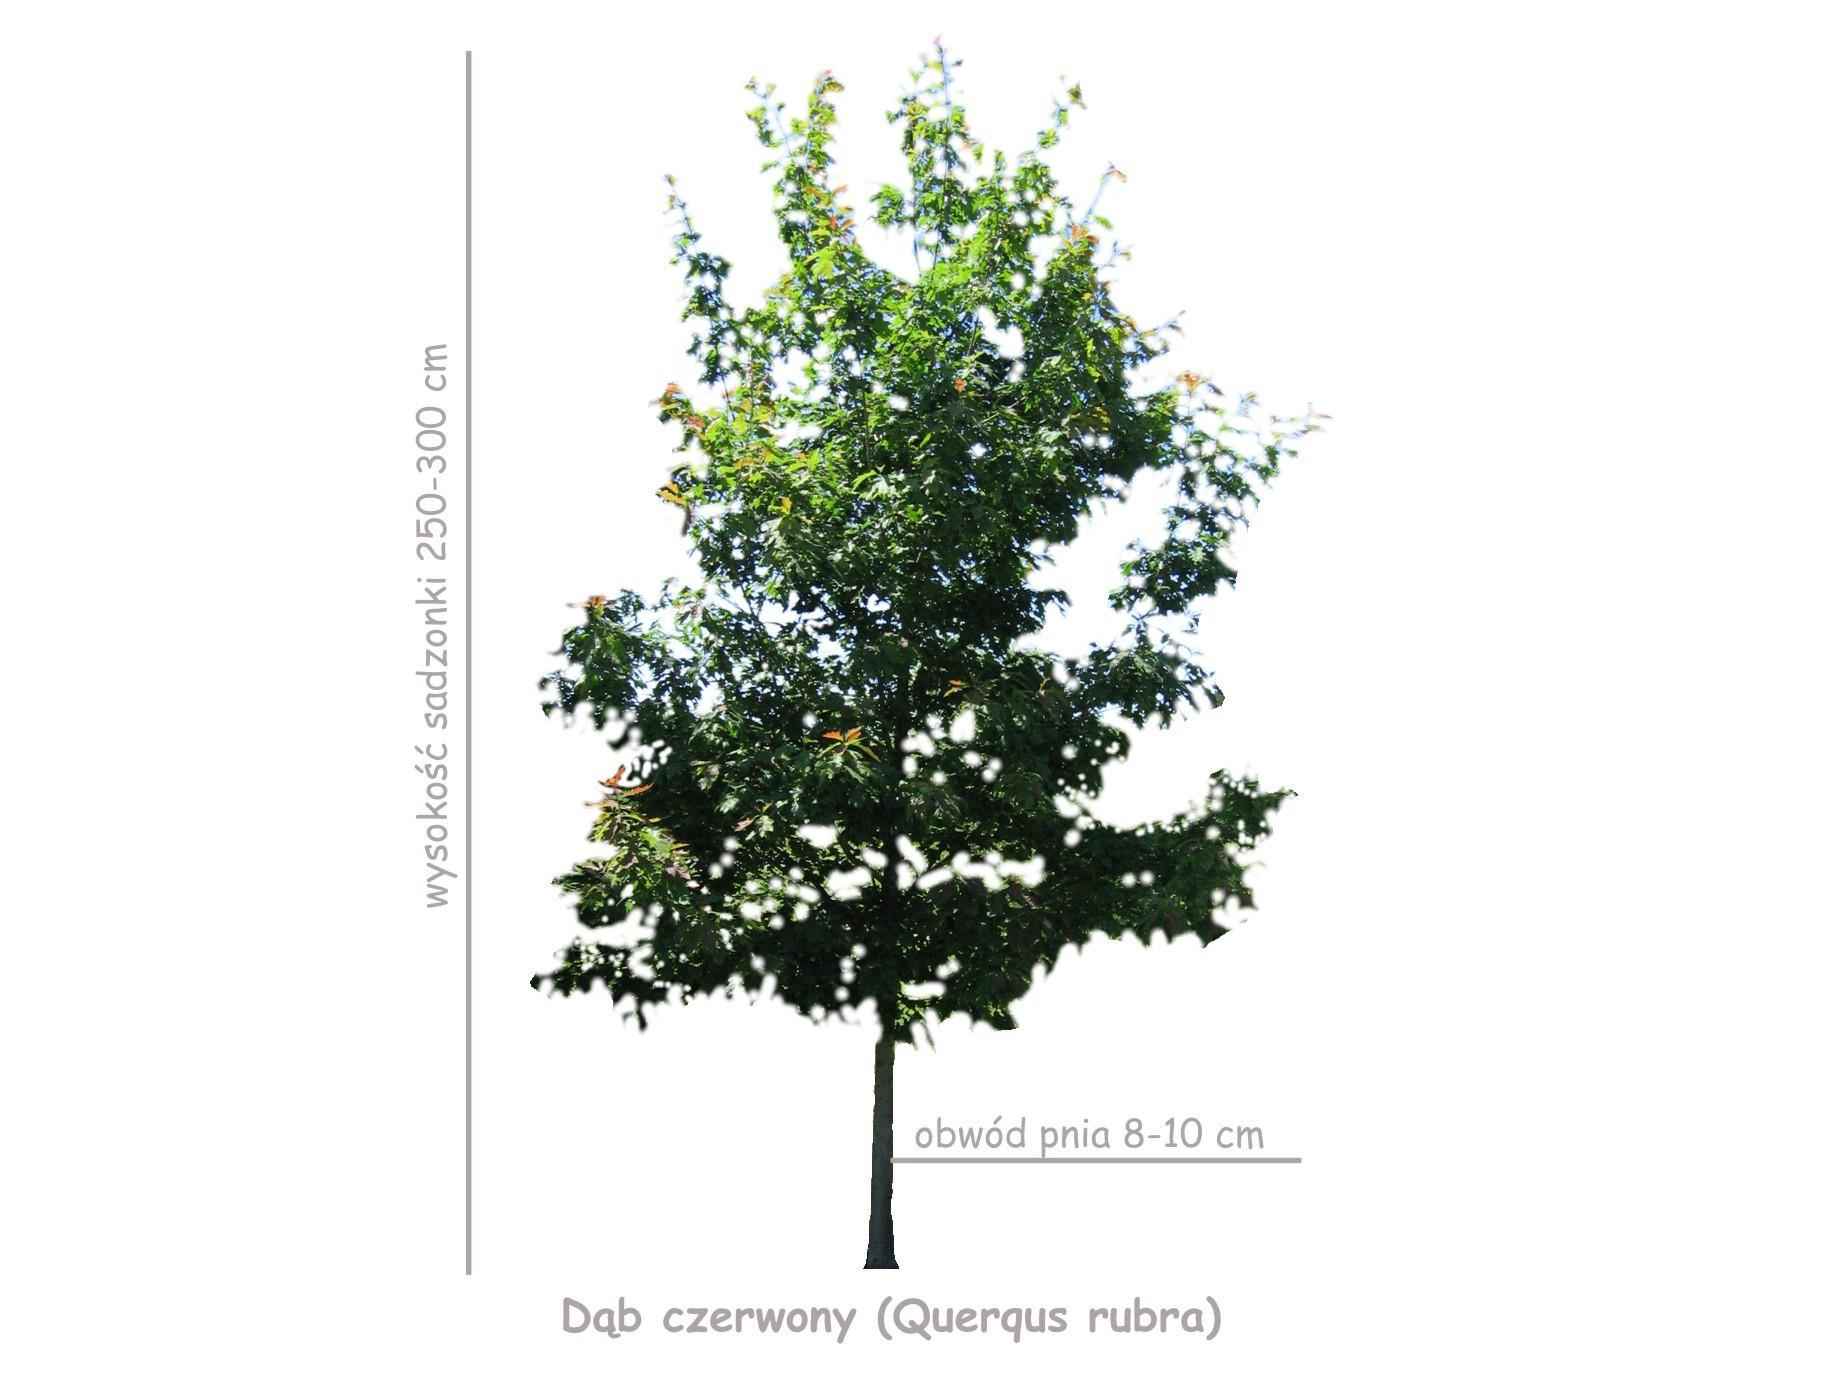 Dąb czerwony (Querqus rubra) sadzonka o obwodzie 8-10 cm i wys. 250-300 cm